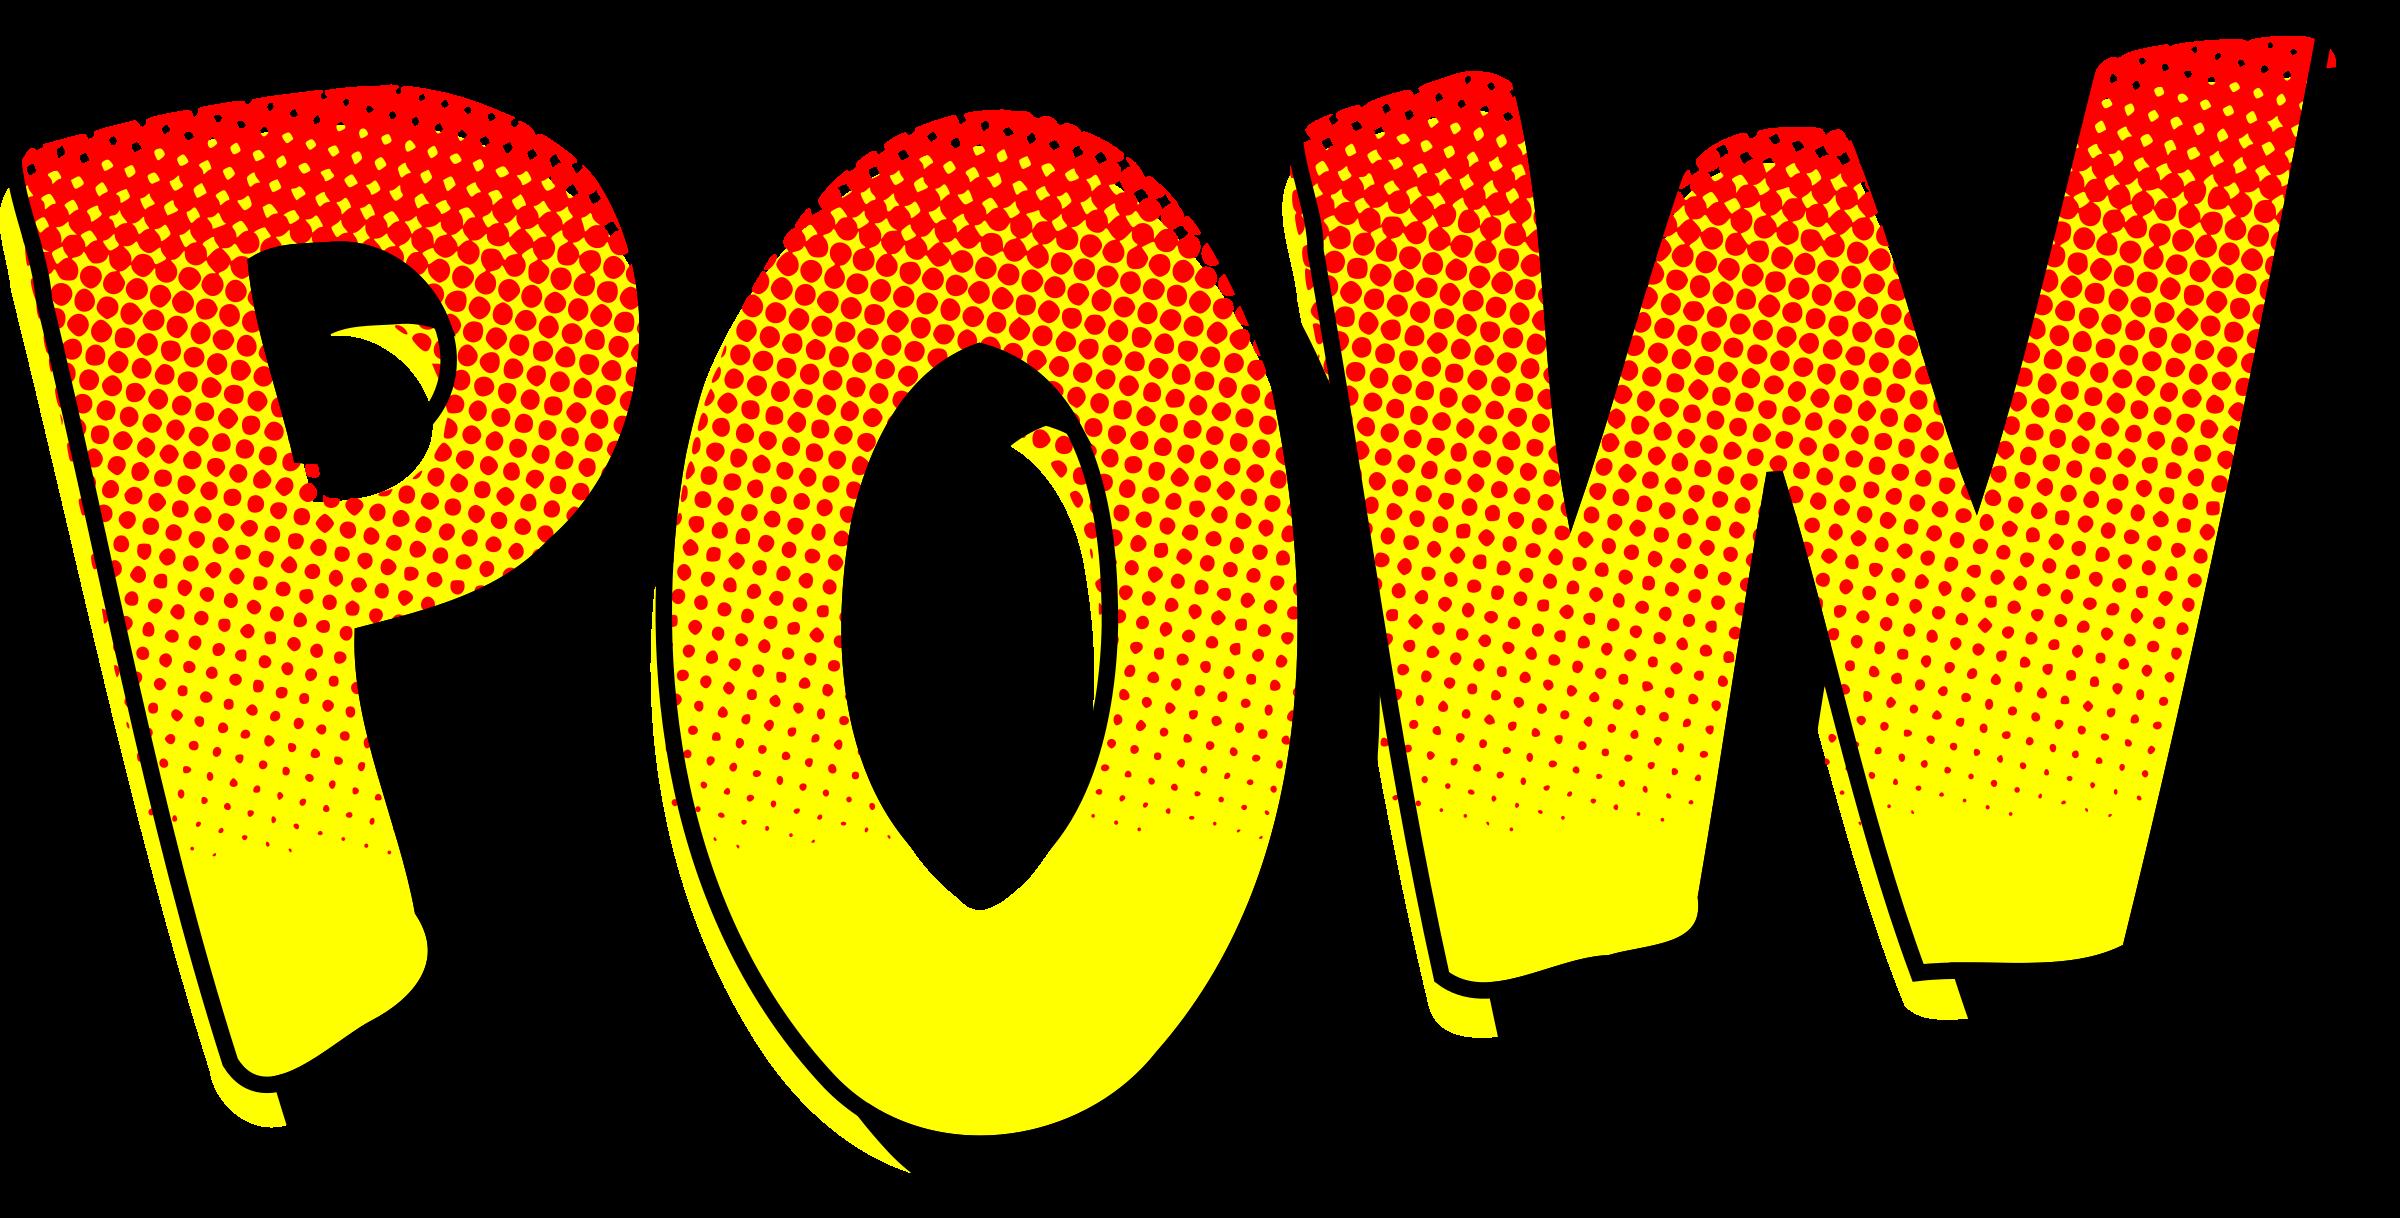 Clipart pow comic sound. Open book clip art vintage